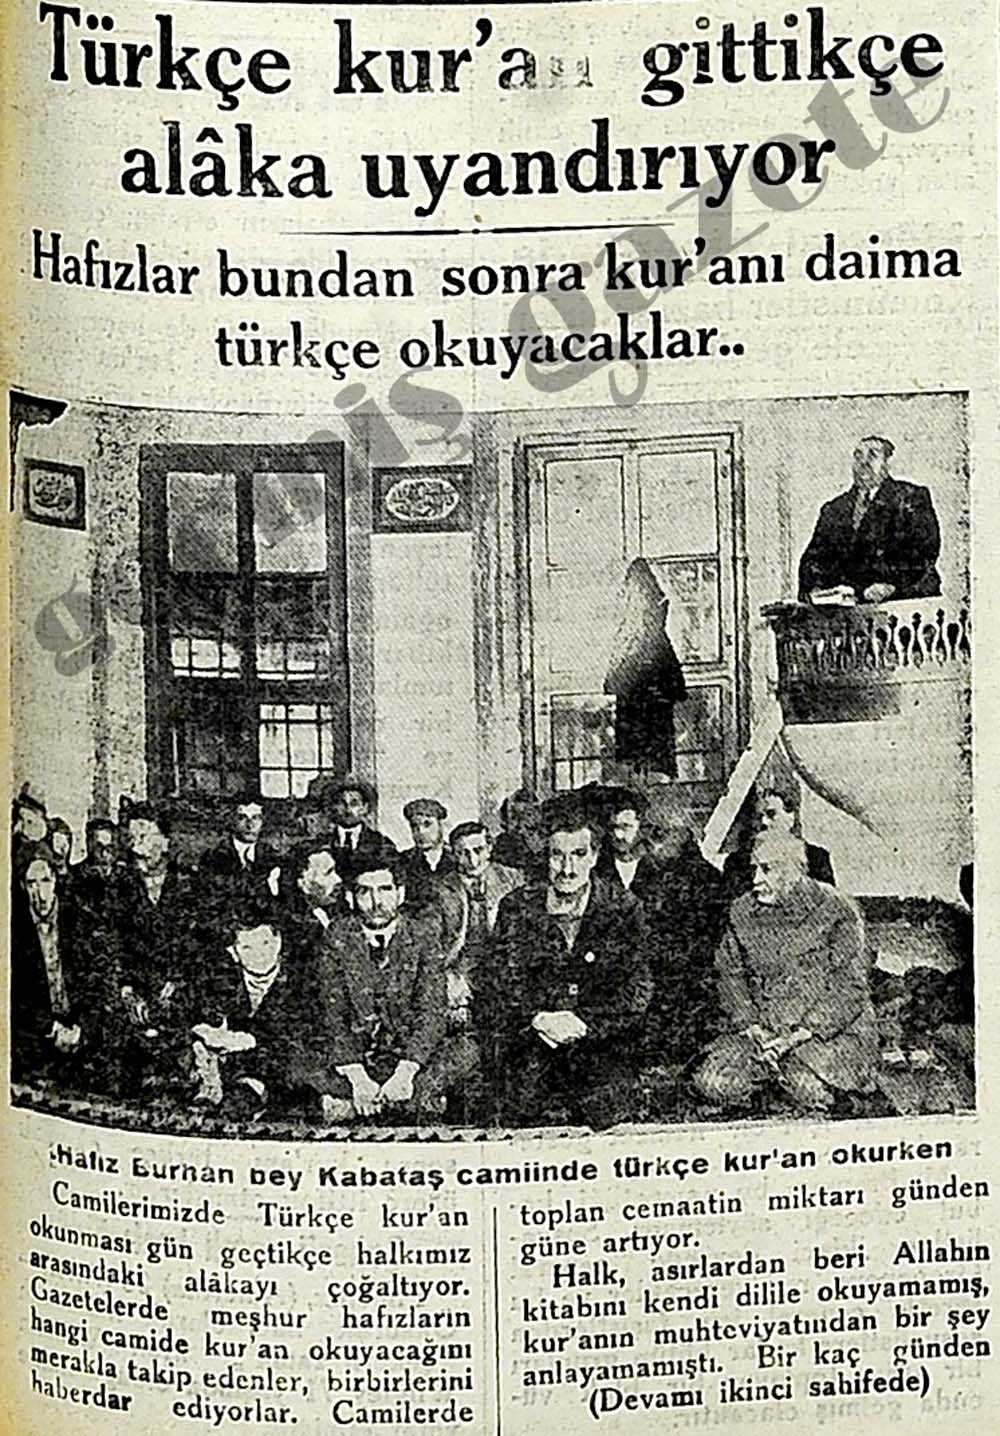 Türkçe kur'an gittikçe alaka uyandırıyor